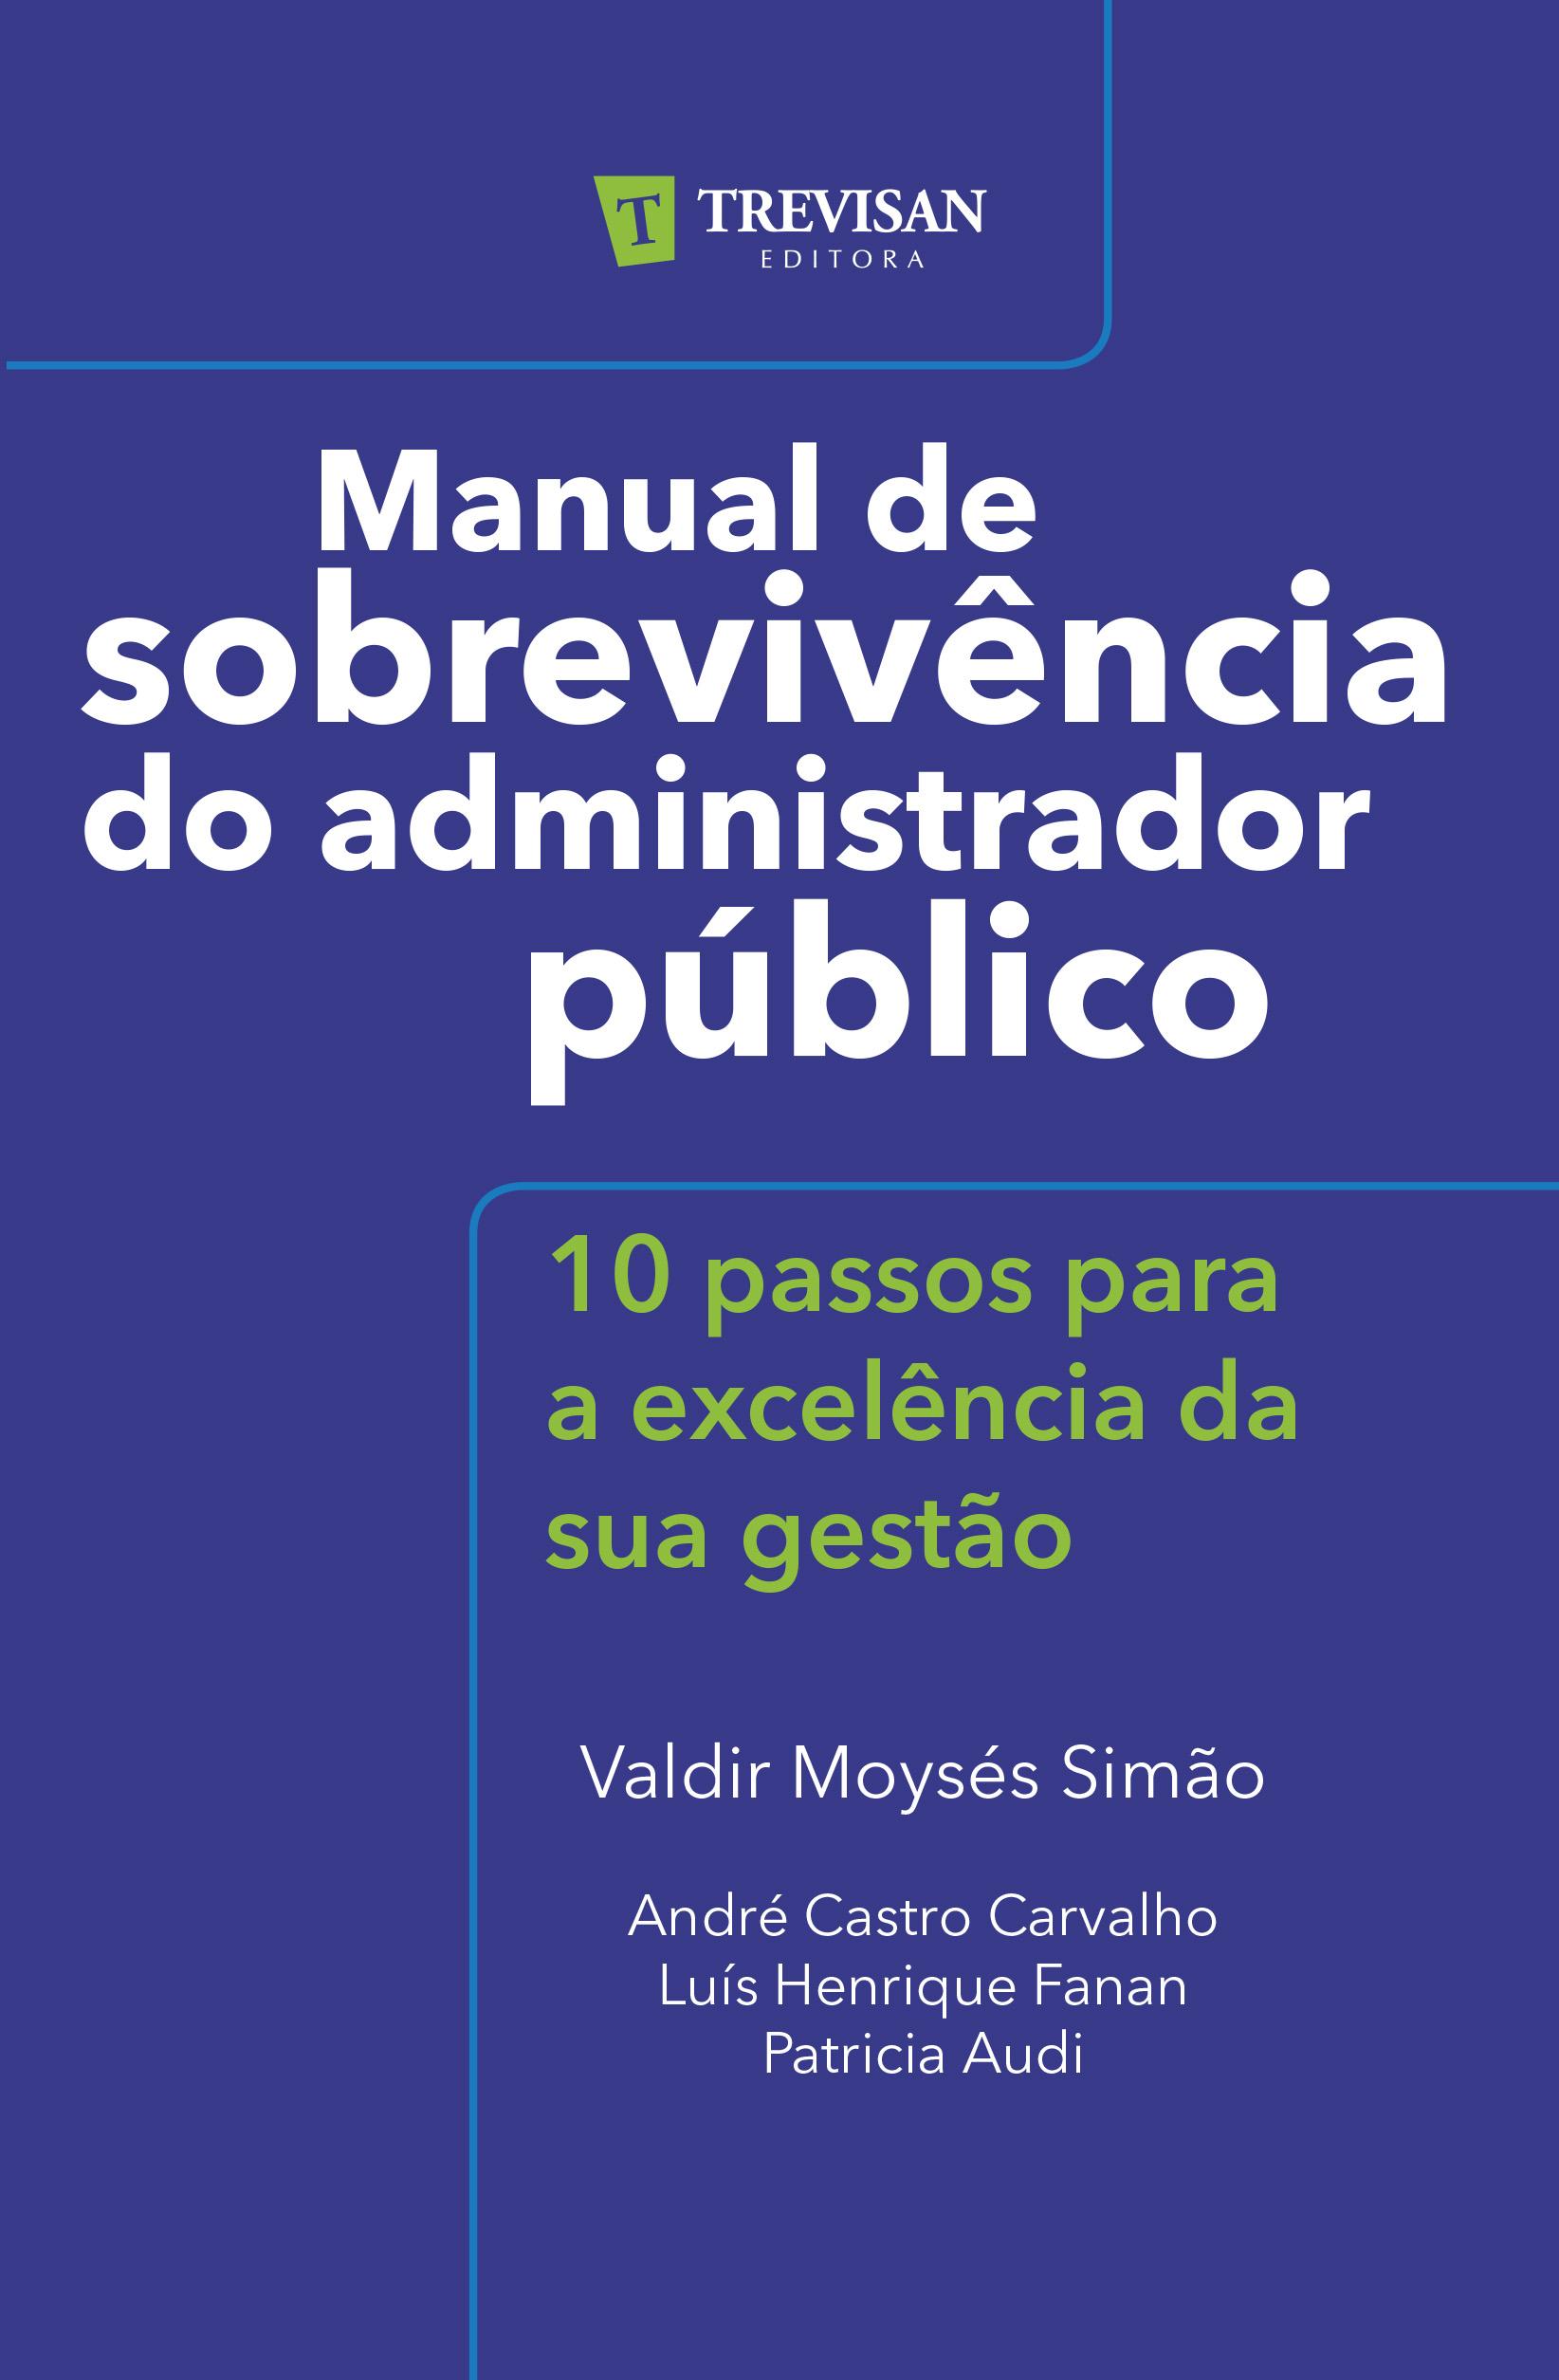 Manual de Sobrevivência do Administrador Público 10 passos para a excelência da sua gestão